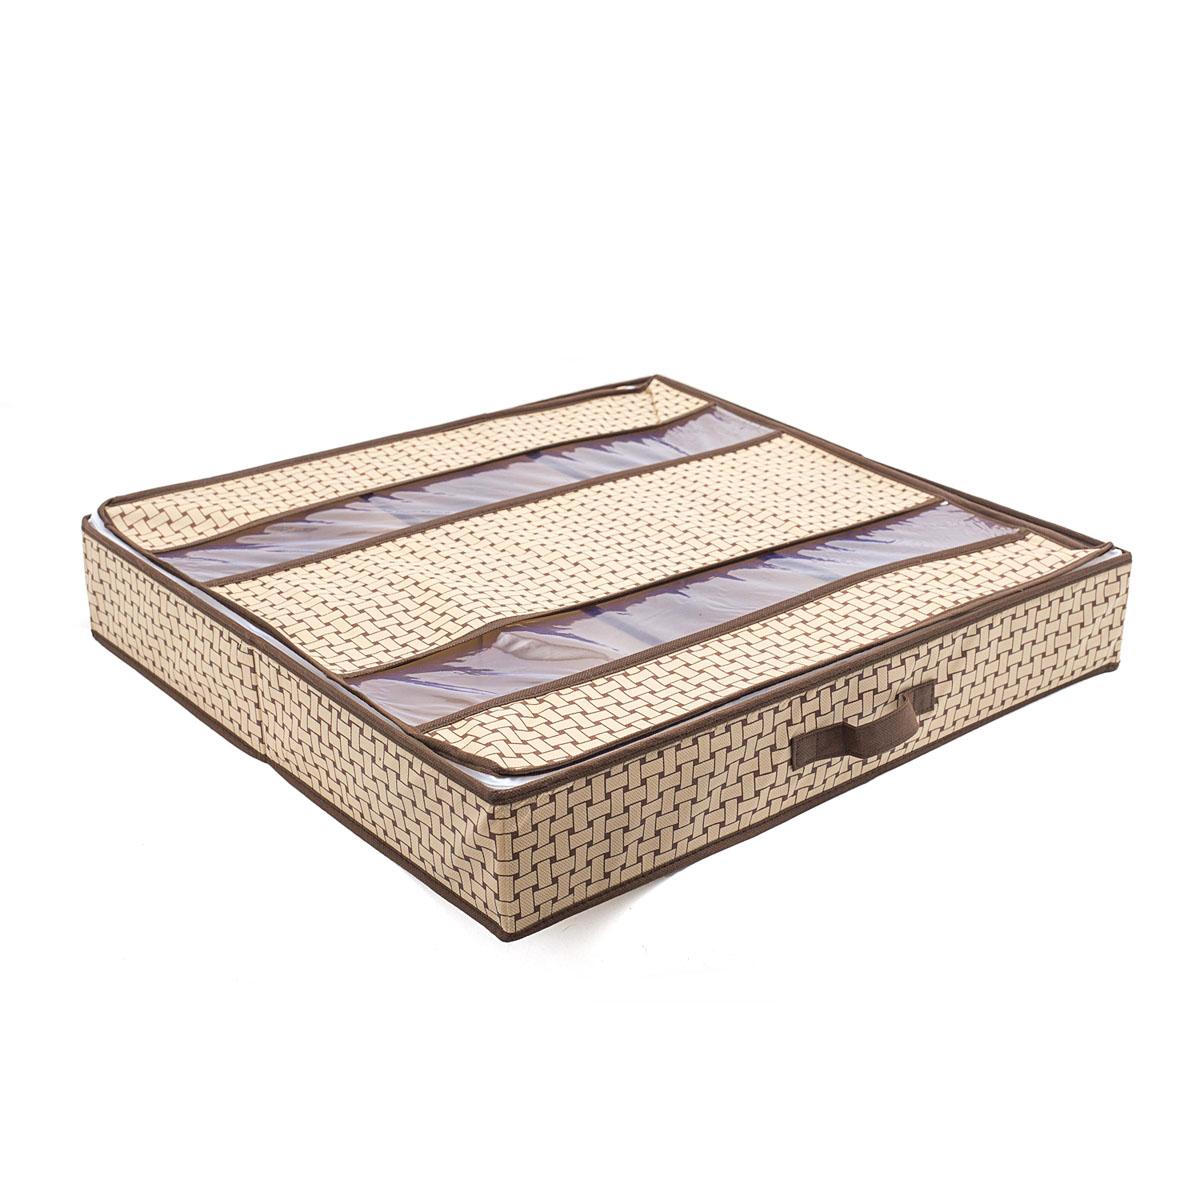 Органайзер для хранения обуви Homsu Pletenka, 6 секций, 66 х 63 х 11 см2178_белыйКомпактный складной органайзер Homsu Pletenka изготовлен из высококачественного полиэстера, который обеспечивает естественную вентиляцию. Материал позволяет воздуху свободно проникать внутрь, но не пропускает пыль. Органайзер отлично держит форму, благодаря вставкам из плотного картона. Изделие имеет 6 секций для хранения обуви.Такой органайзер позволит вам хранить вещи компактно и удобно. Размер секции: 20 х 32 см.